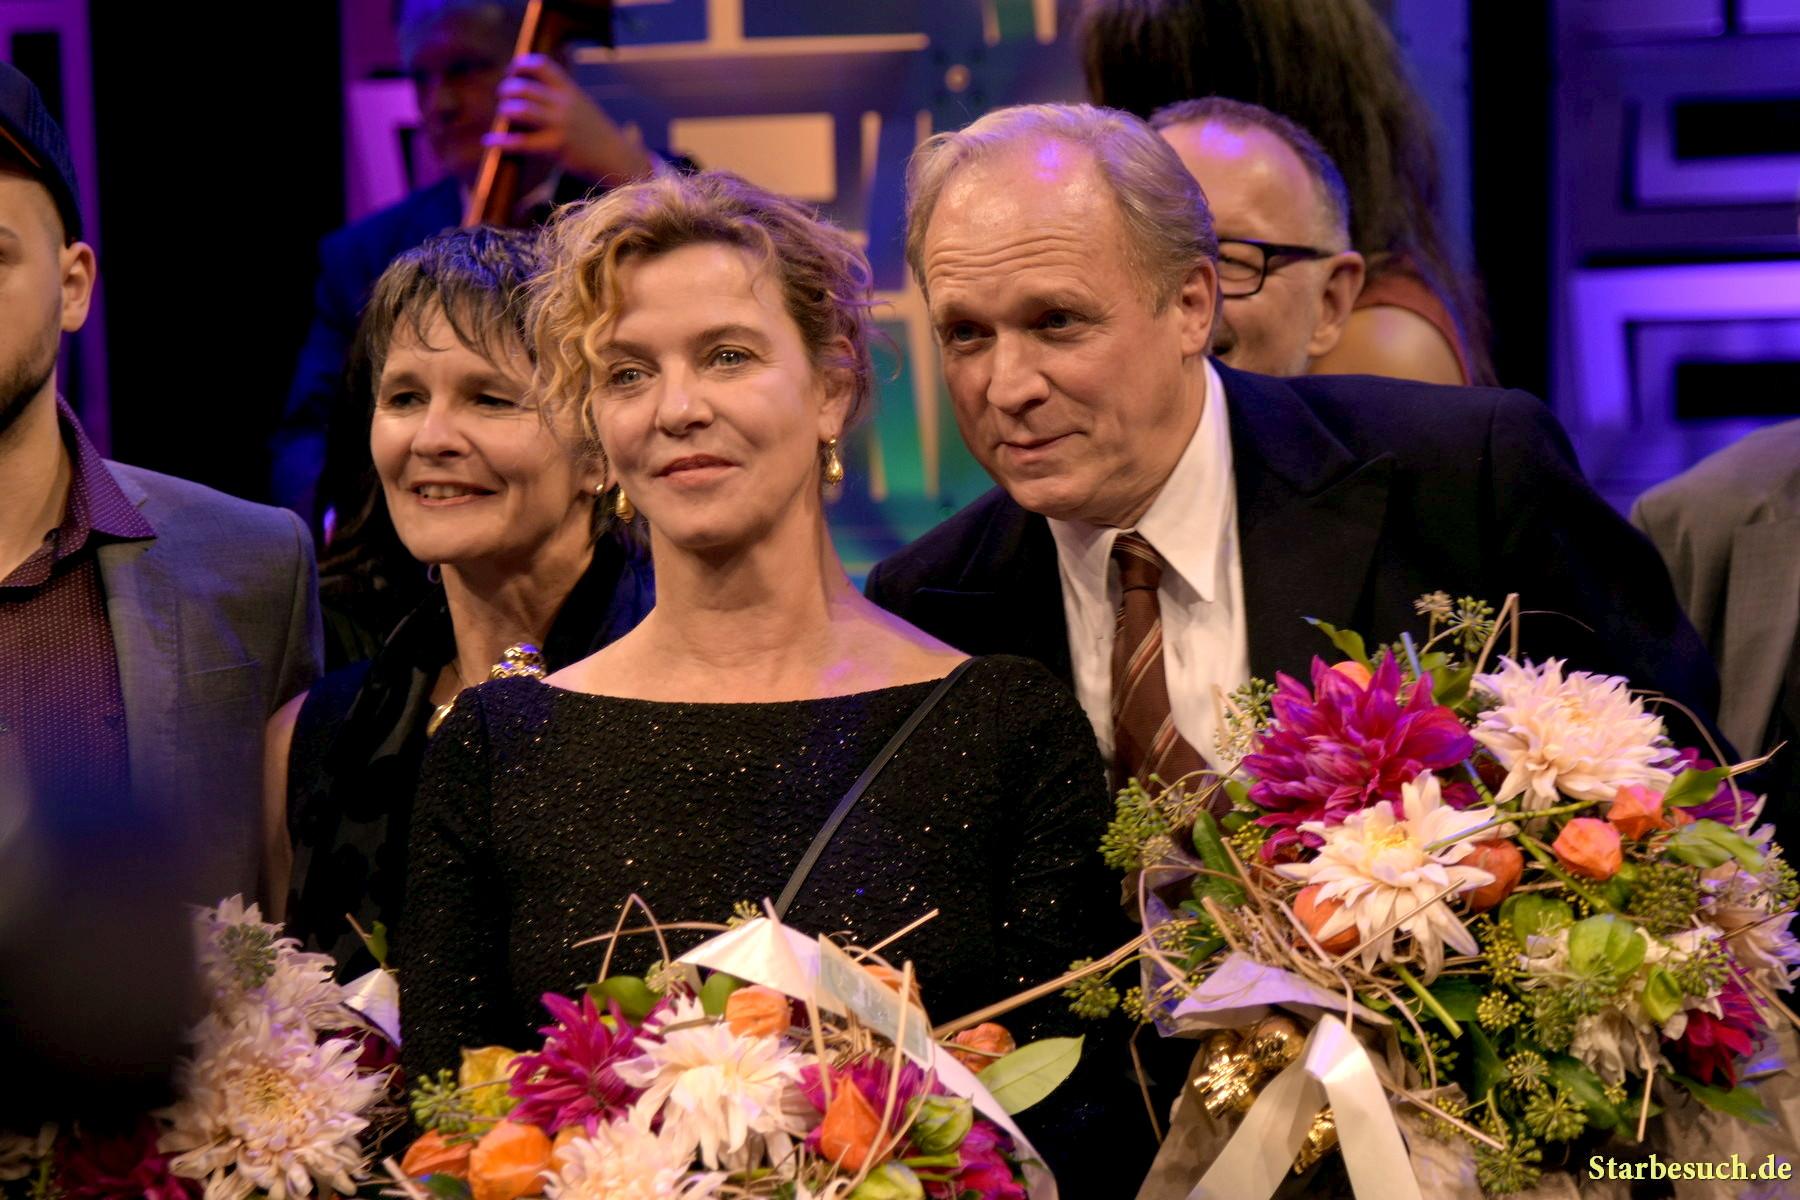 Margarita Broich (* 1960) and Ulrich Tukur (* 1957). Hessischer Film- und Kinopreis 2017, Alte Oper Frankfurt/Main, Germany